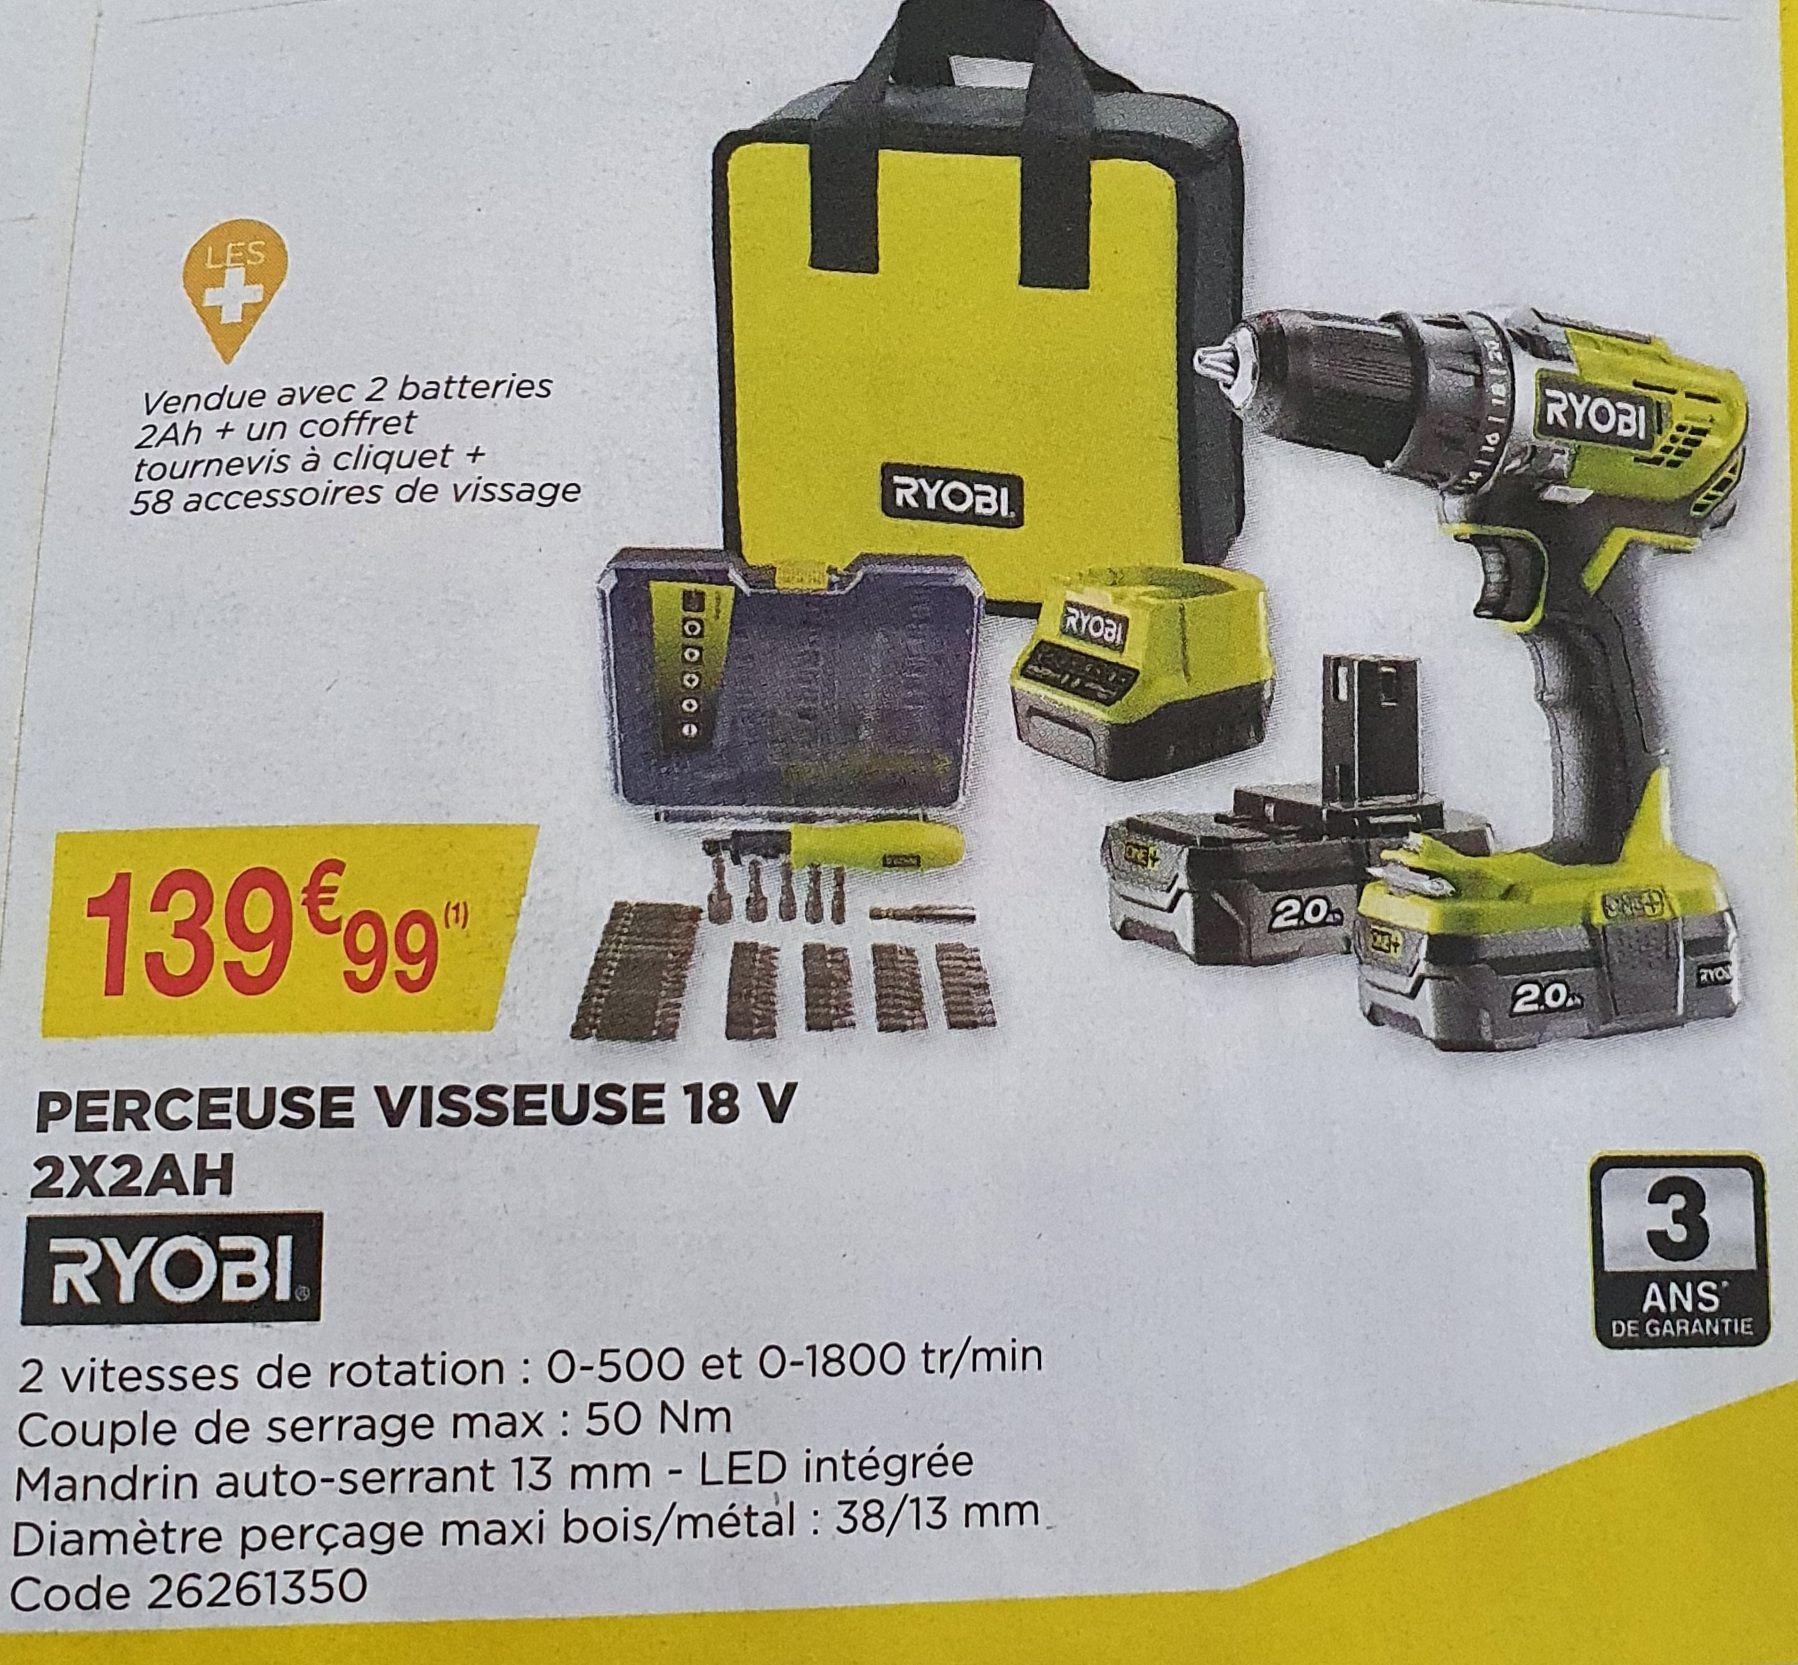 Coffret perceuse visseuse Ryobi 18V + 2 batteries 2Ah + coffret tournevis à cliquet + 58 accessoires de vissage